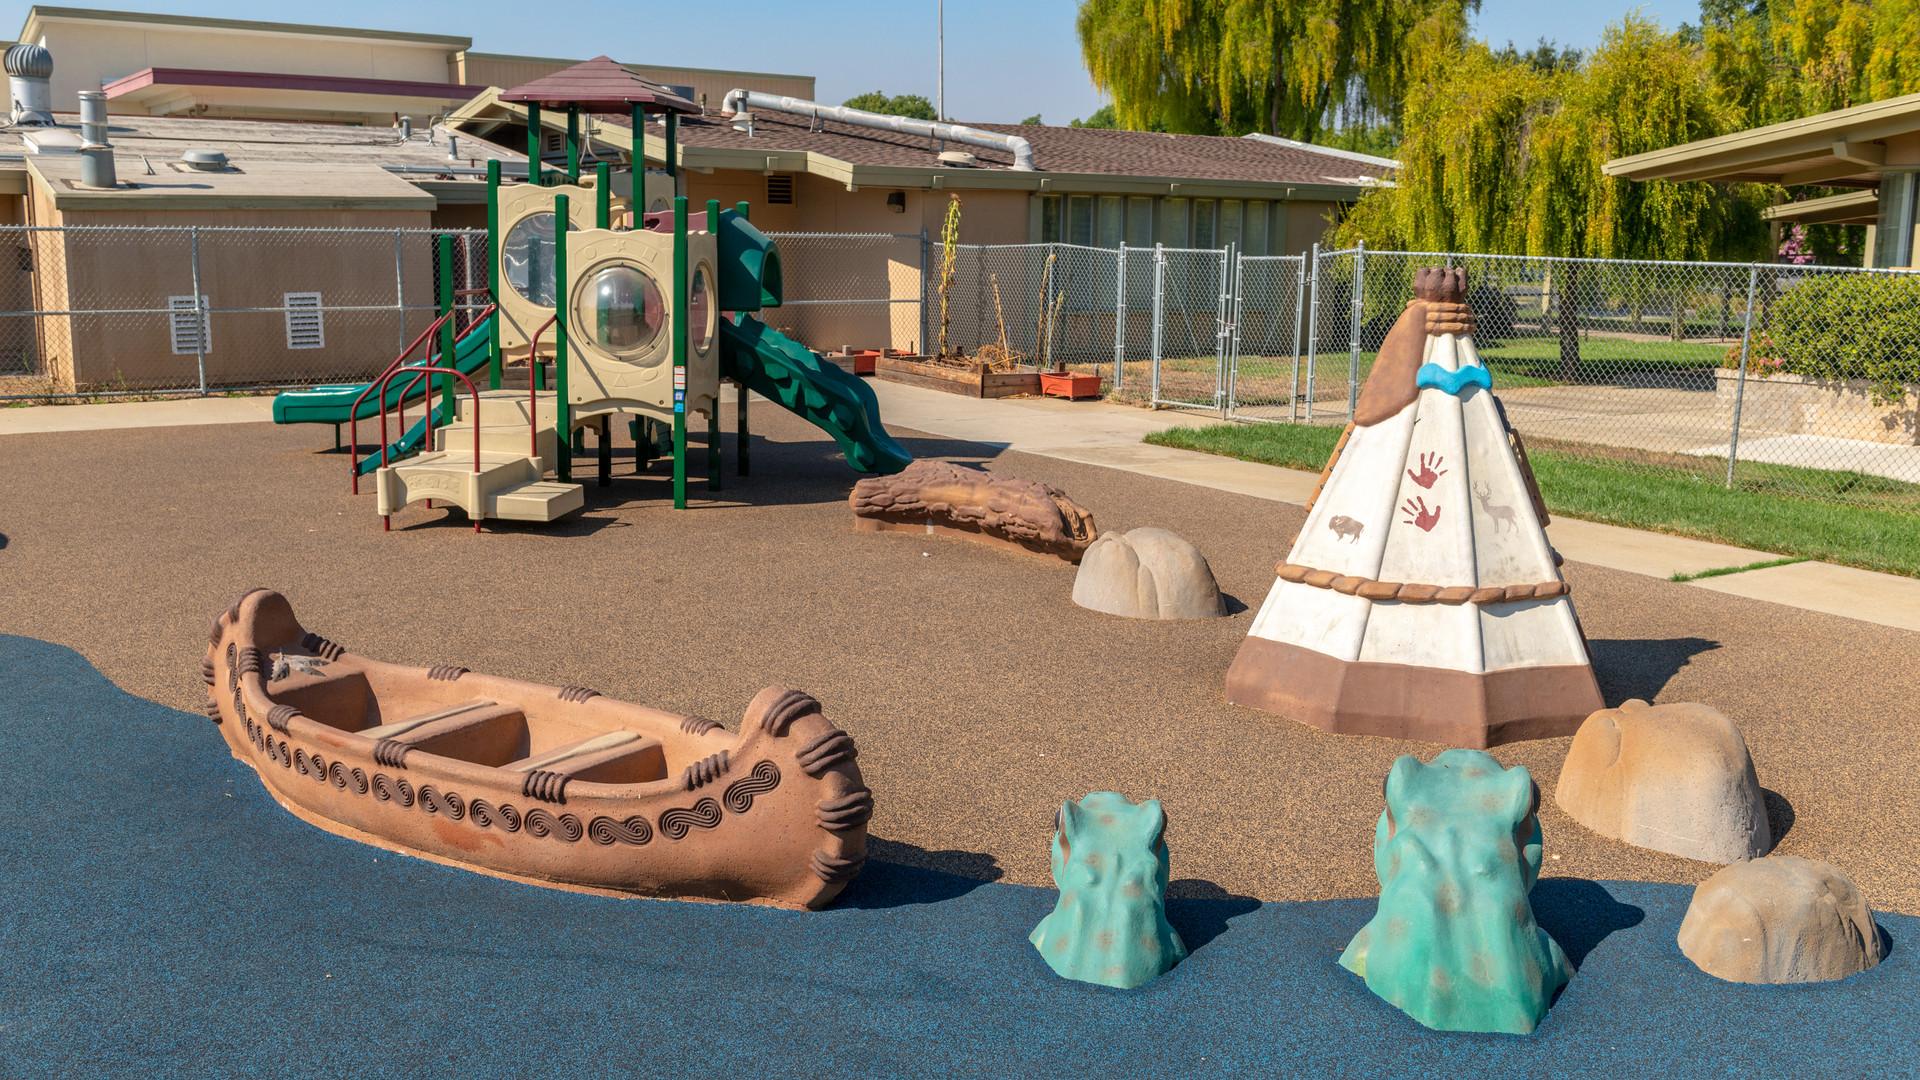 Glen View Elementary School Playground